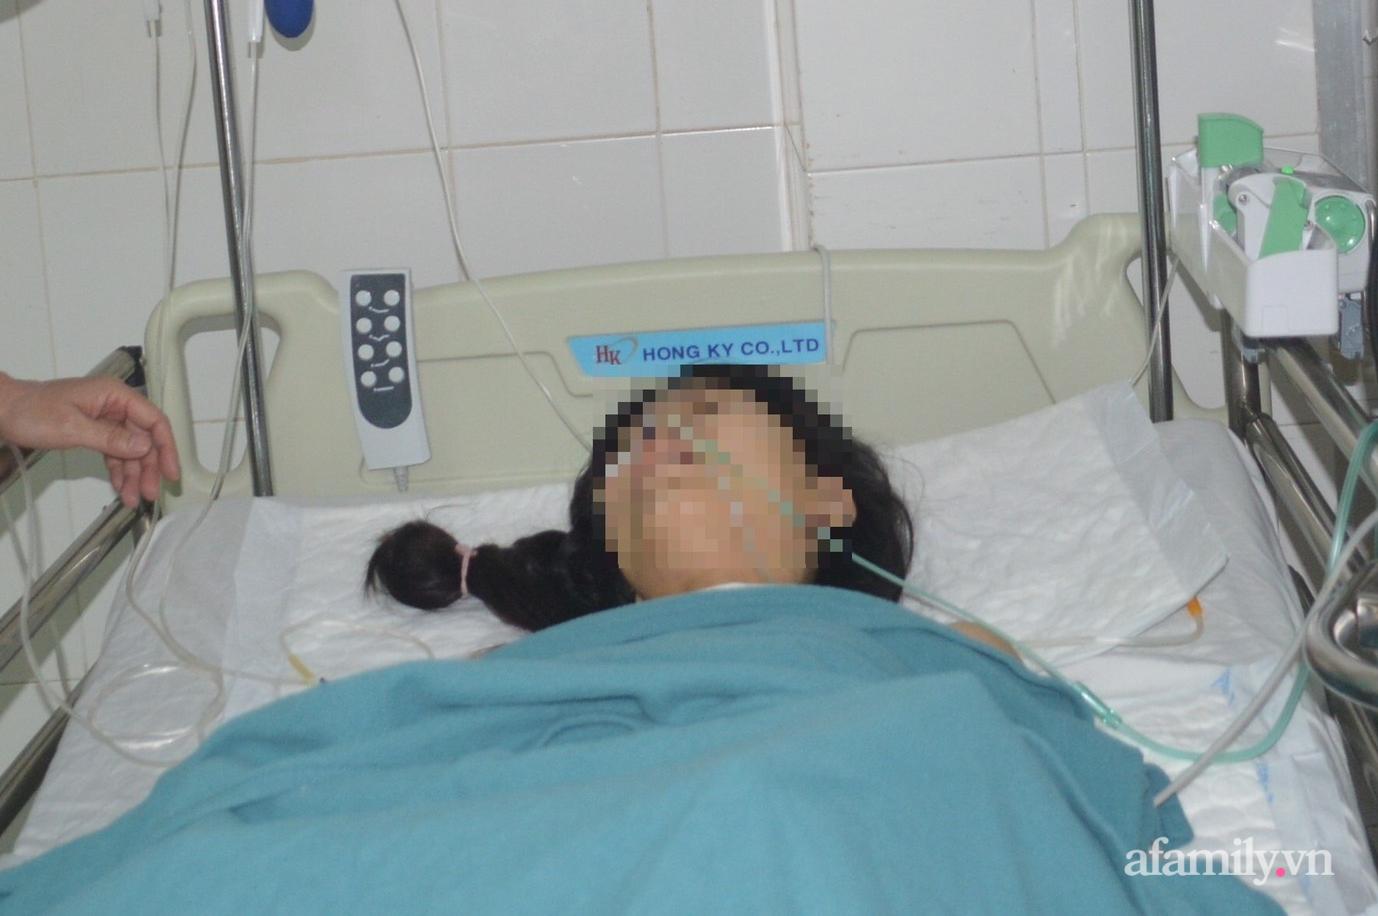 Tai nạn kinh hoàng: Cô gái 22 tuổi ngã ra đường bị container cán qua người được cứu sống thần kỳ - Ảnh 1.